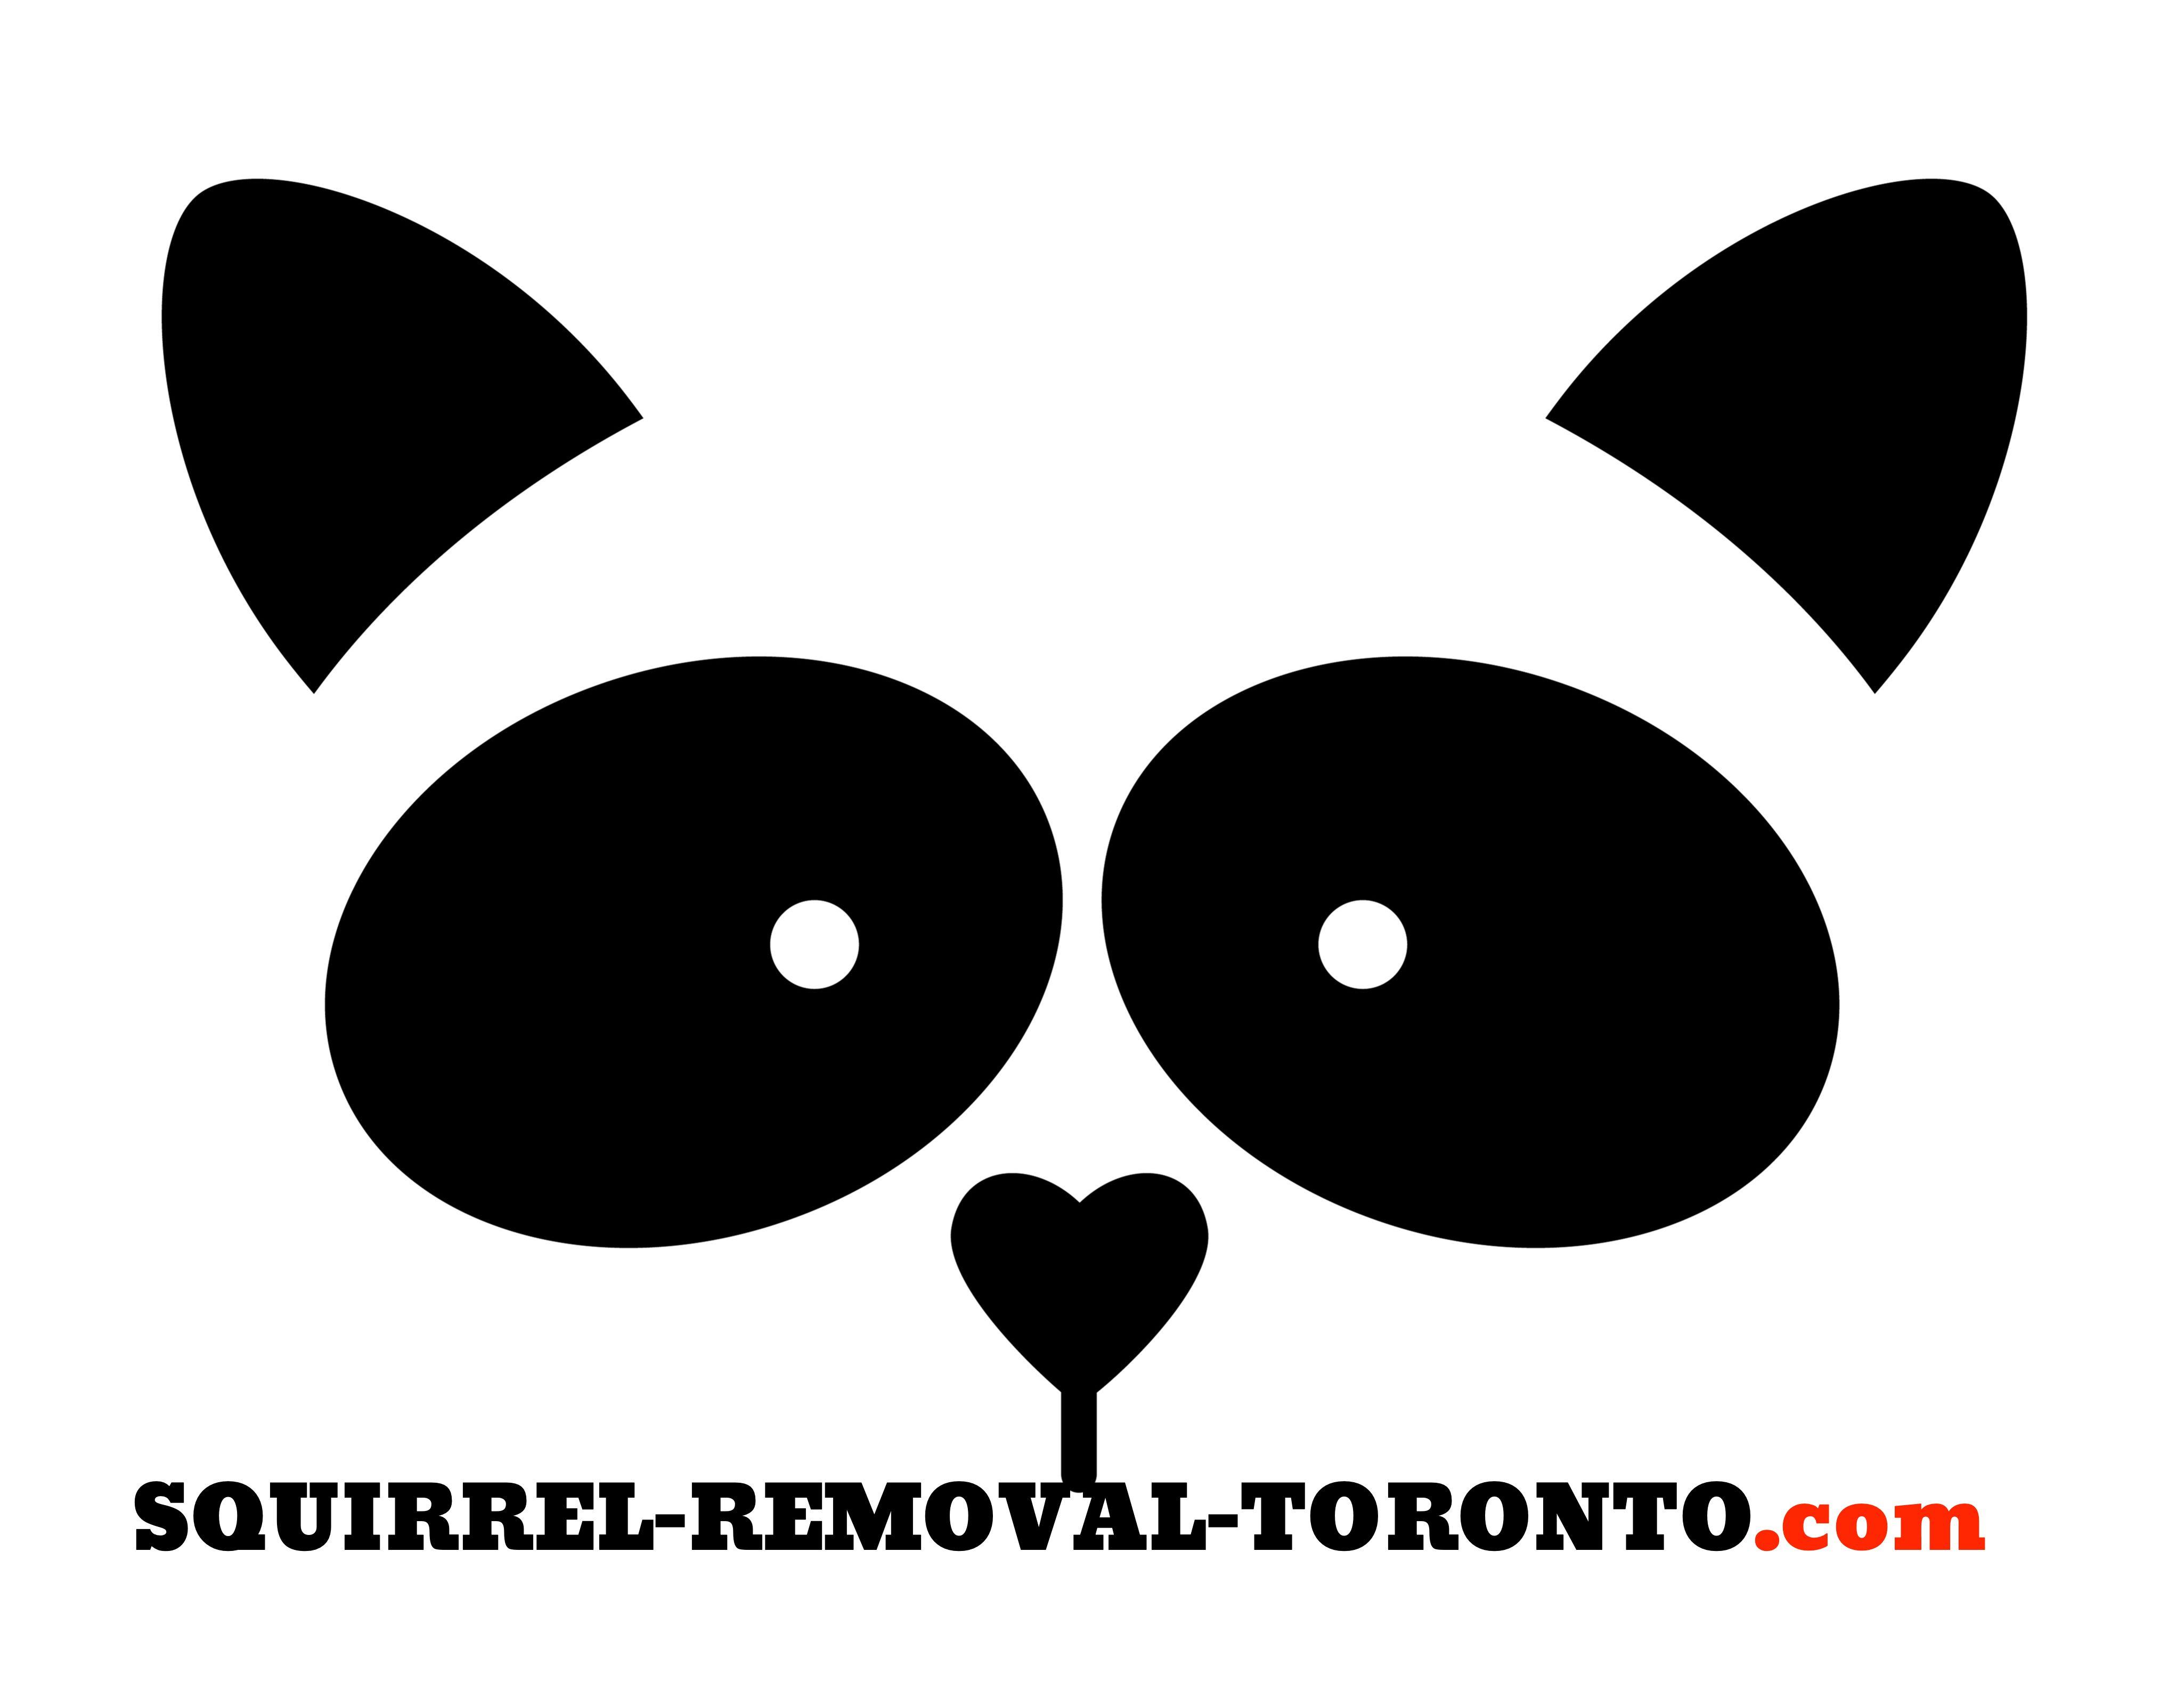 Squirrel Removal Toronto logo